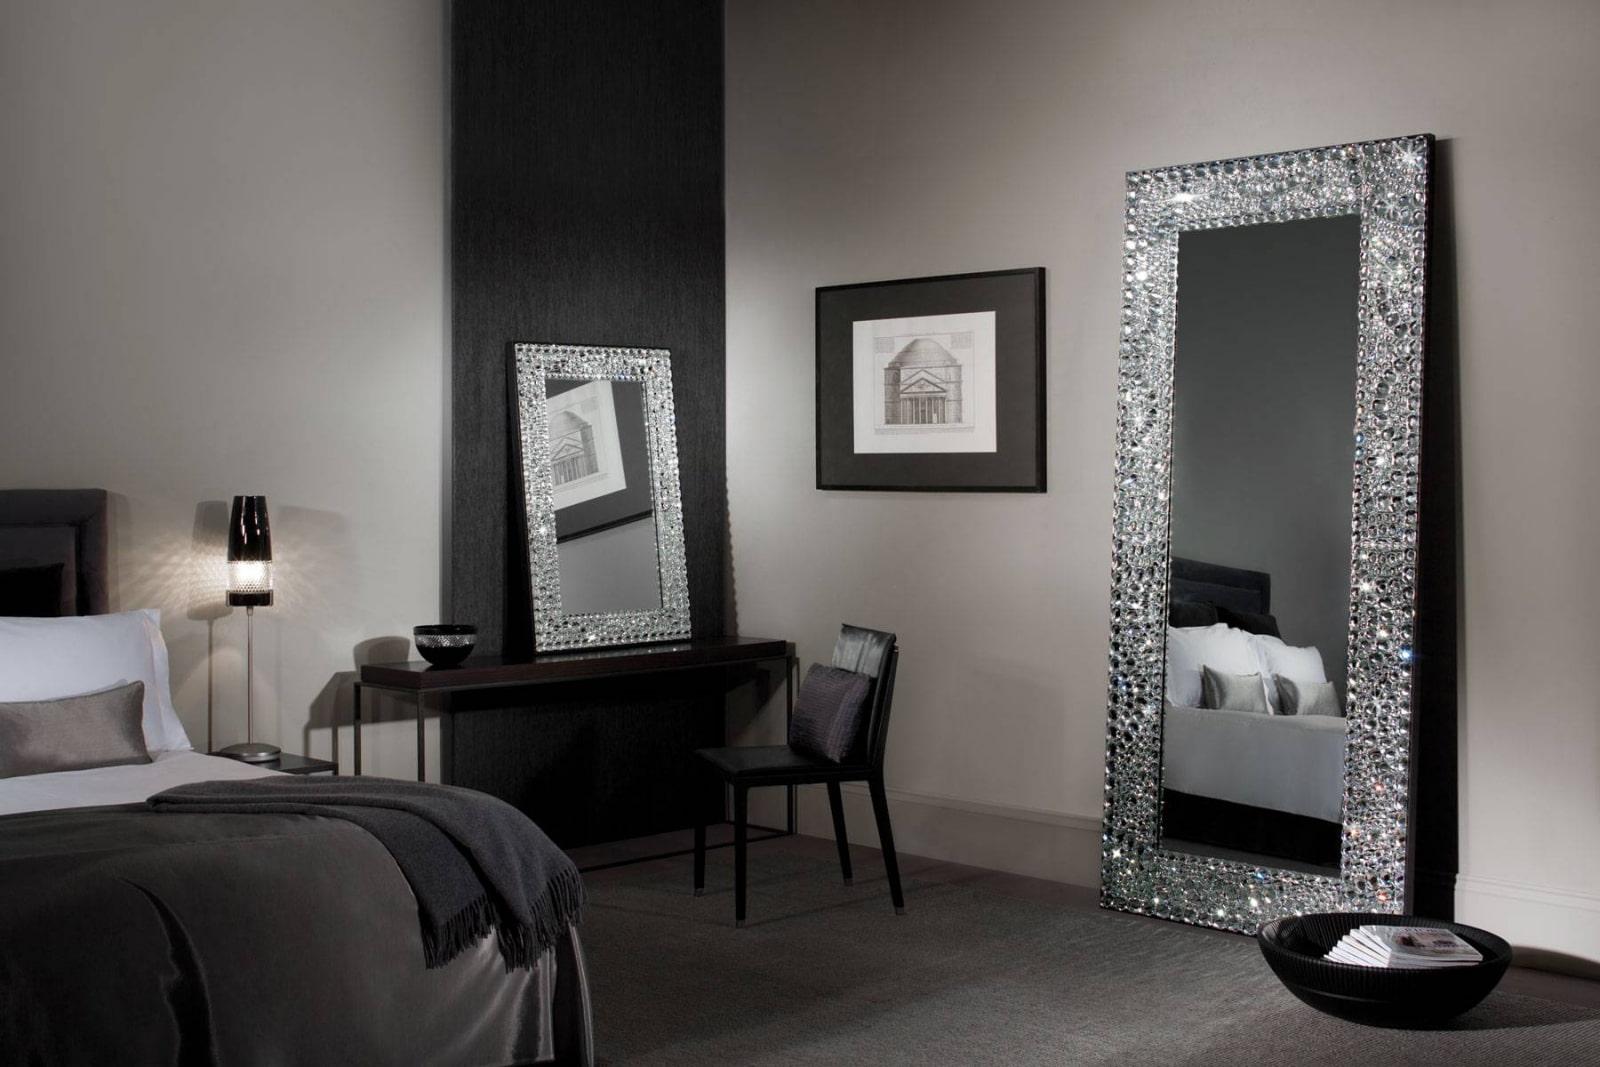 Красивая рама для зеркала в интерьере спальни.